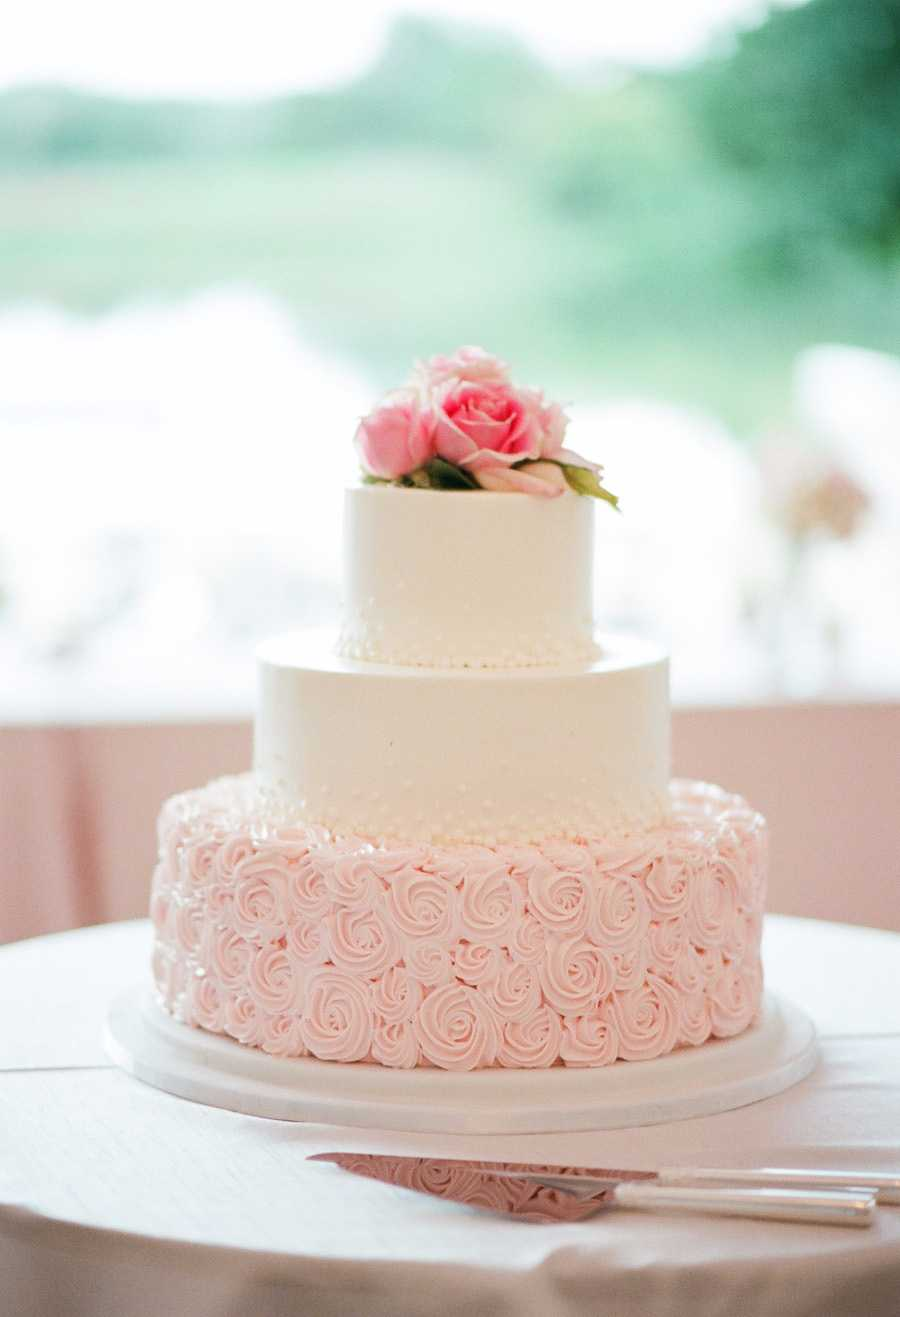 Decoração com bico de confeiteiro em formato de rosas